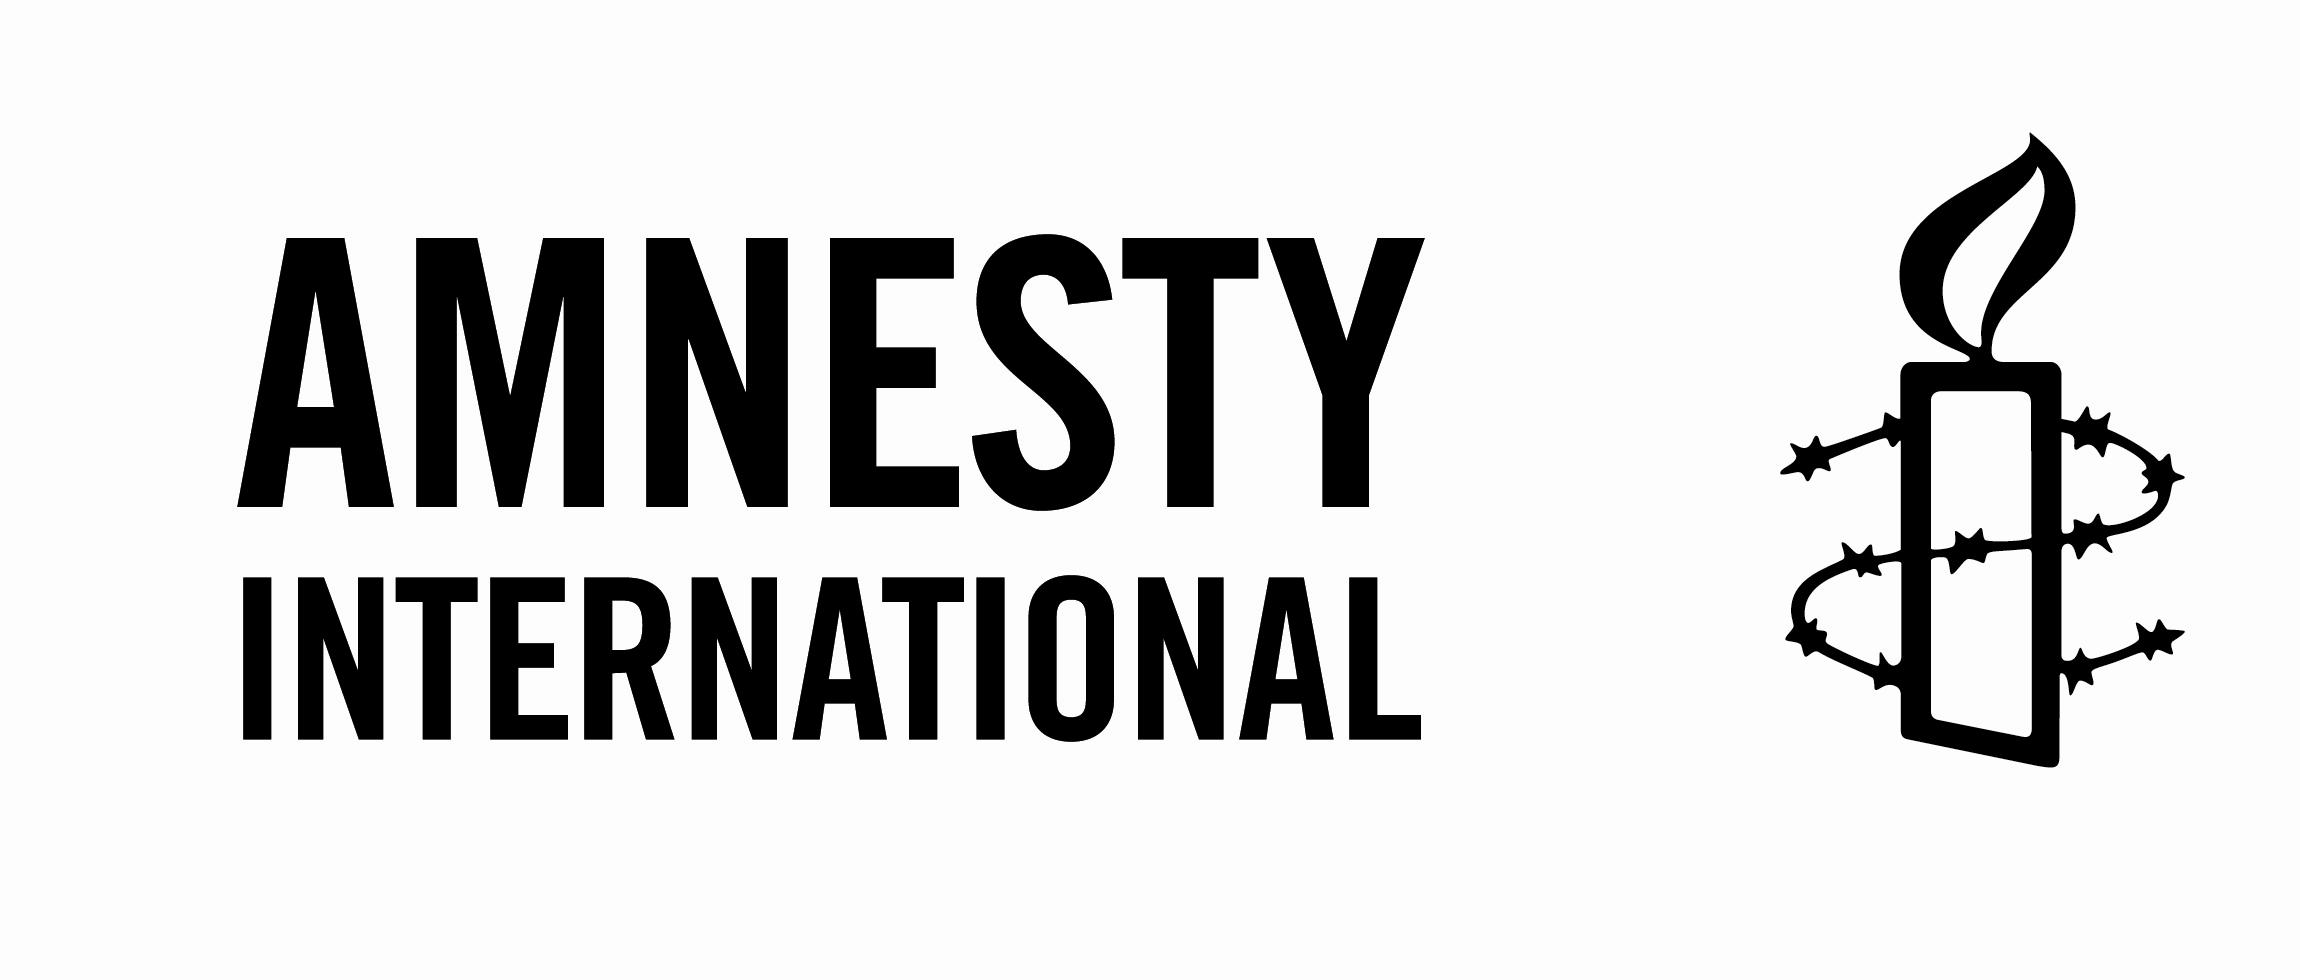 Amnesty international : Les autorités mènent une répression brutale à l'approche des élections en Gambie